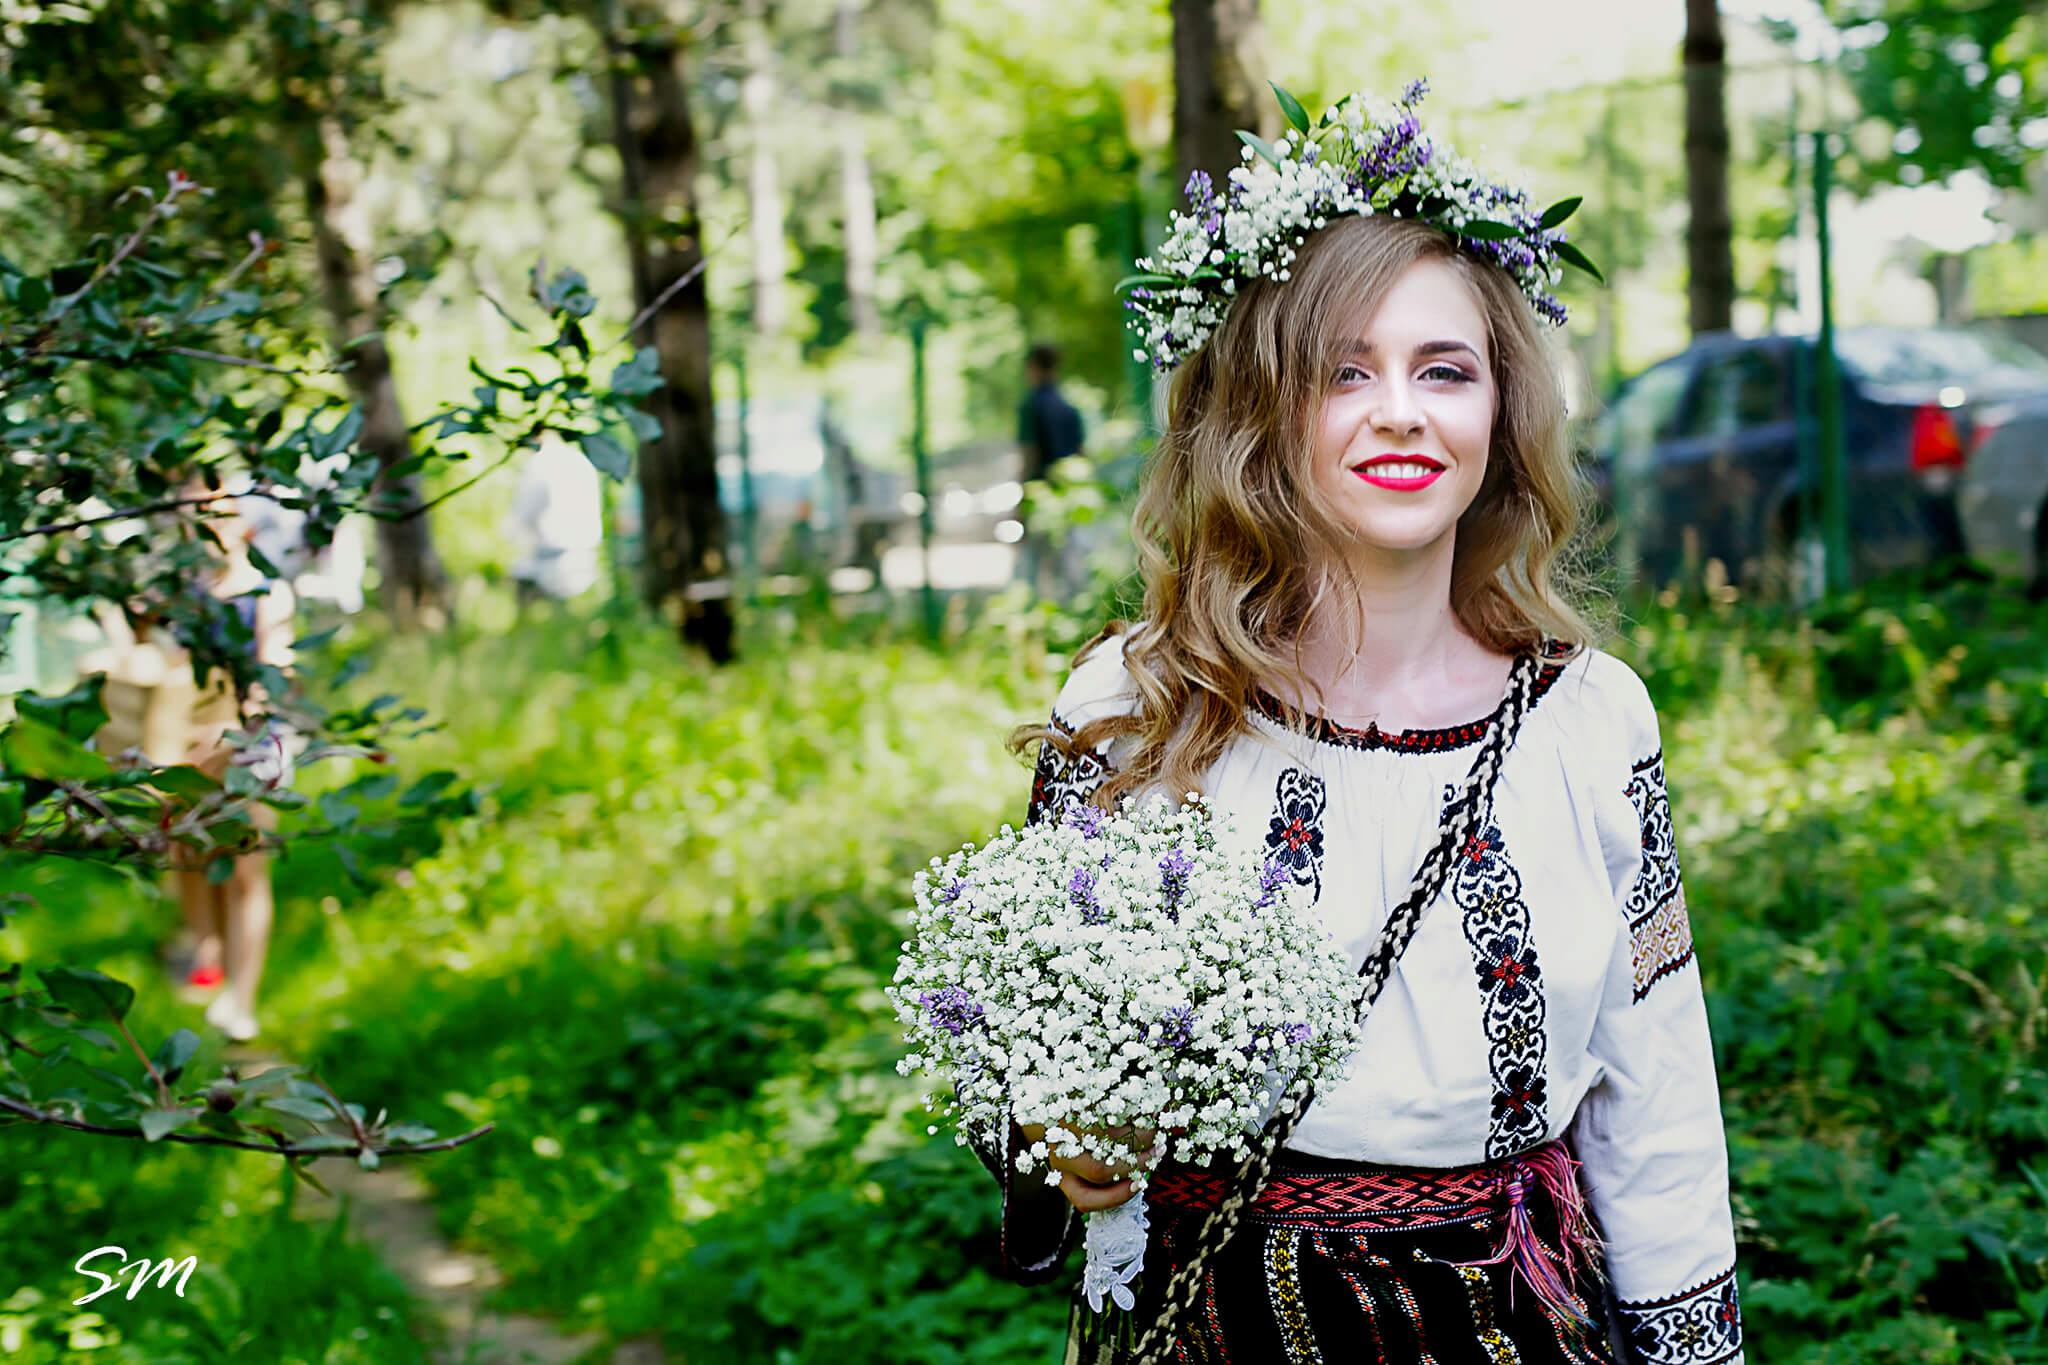 fotografii_nunta_suceava_muzeul_satului (1)